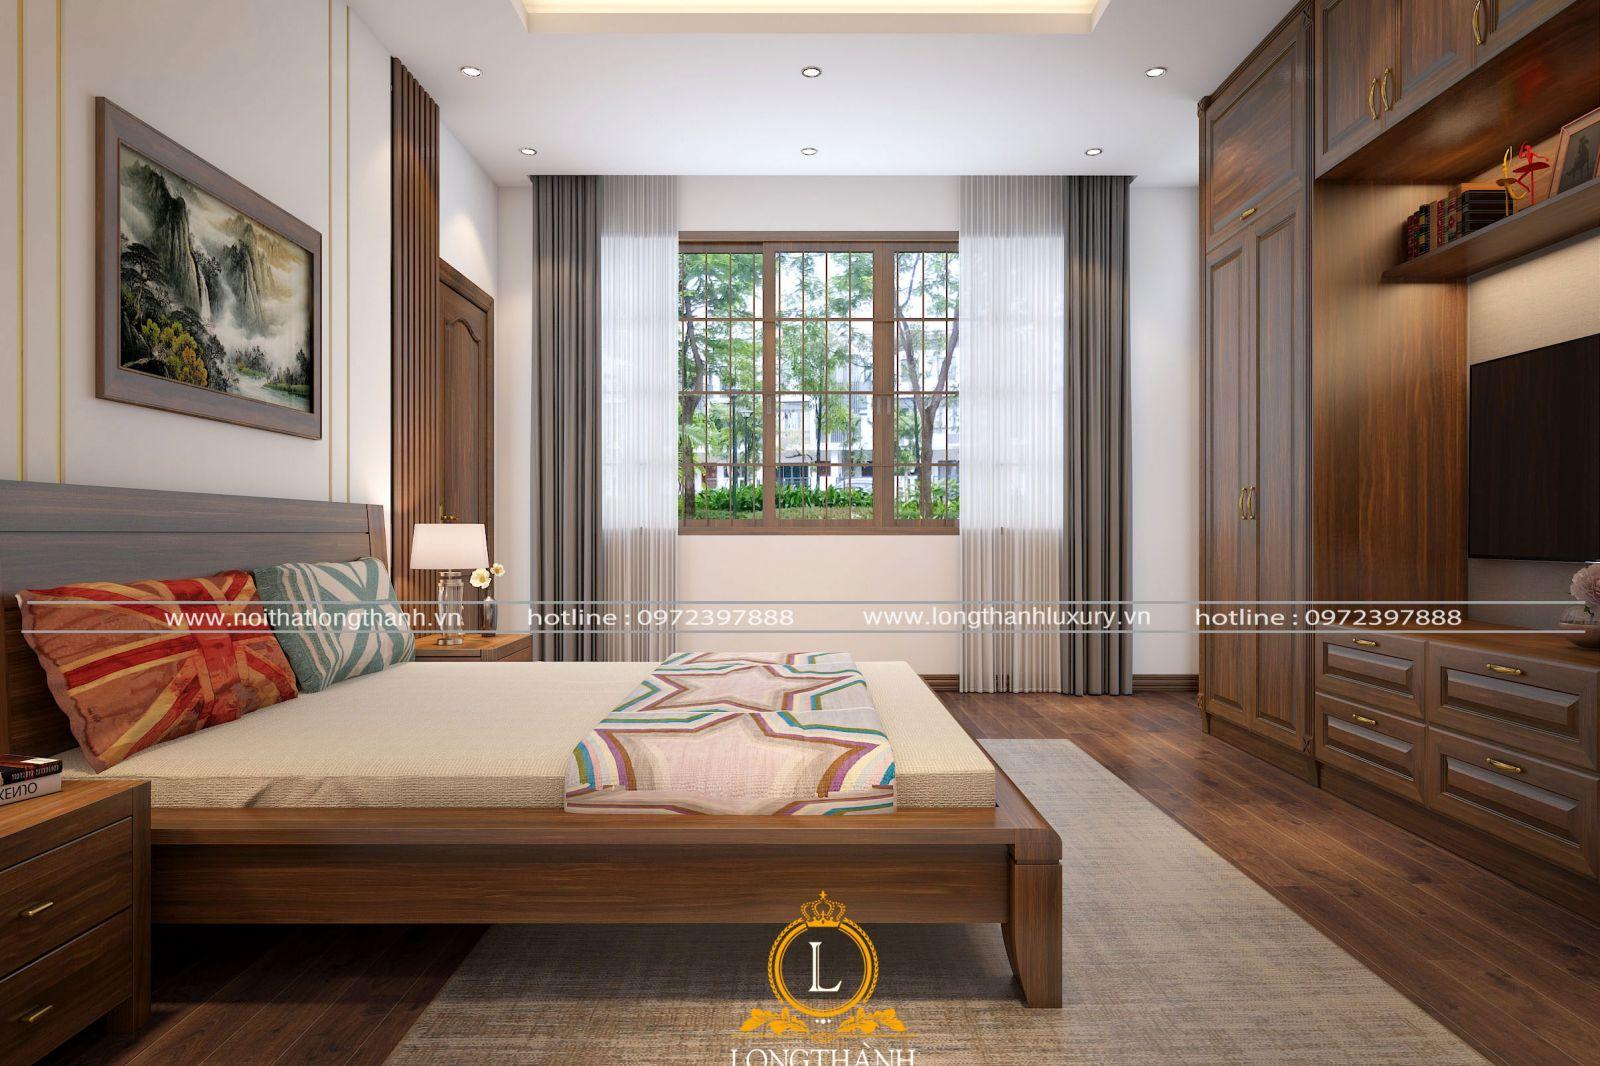 Không gian phòng ngủ được sử dụng gam màu sắc linh hoạt